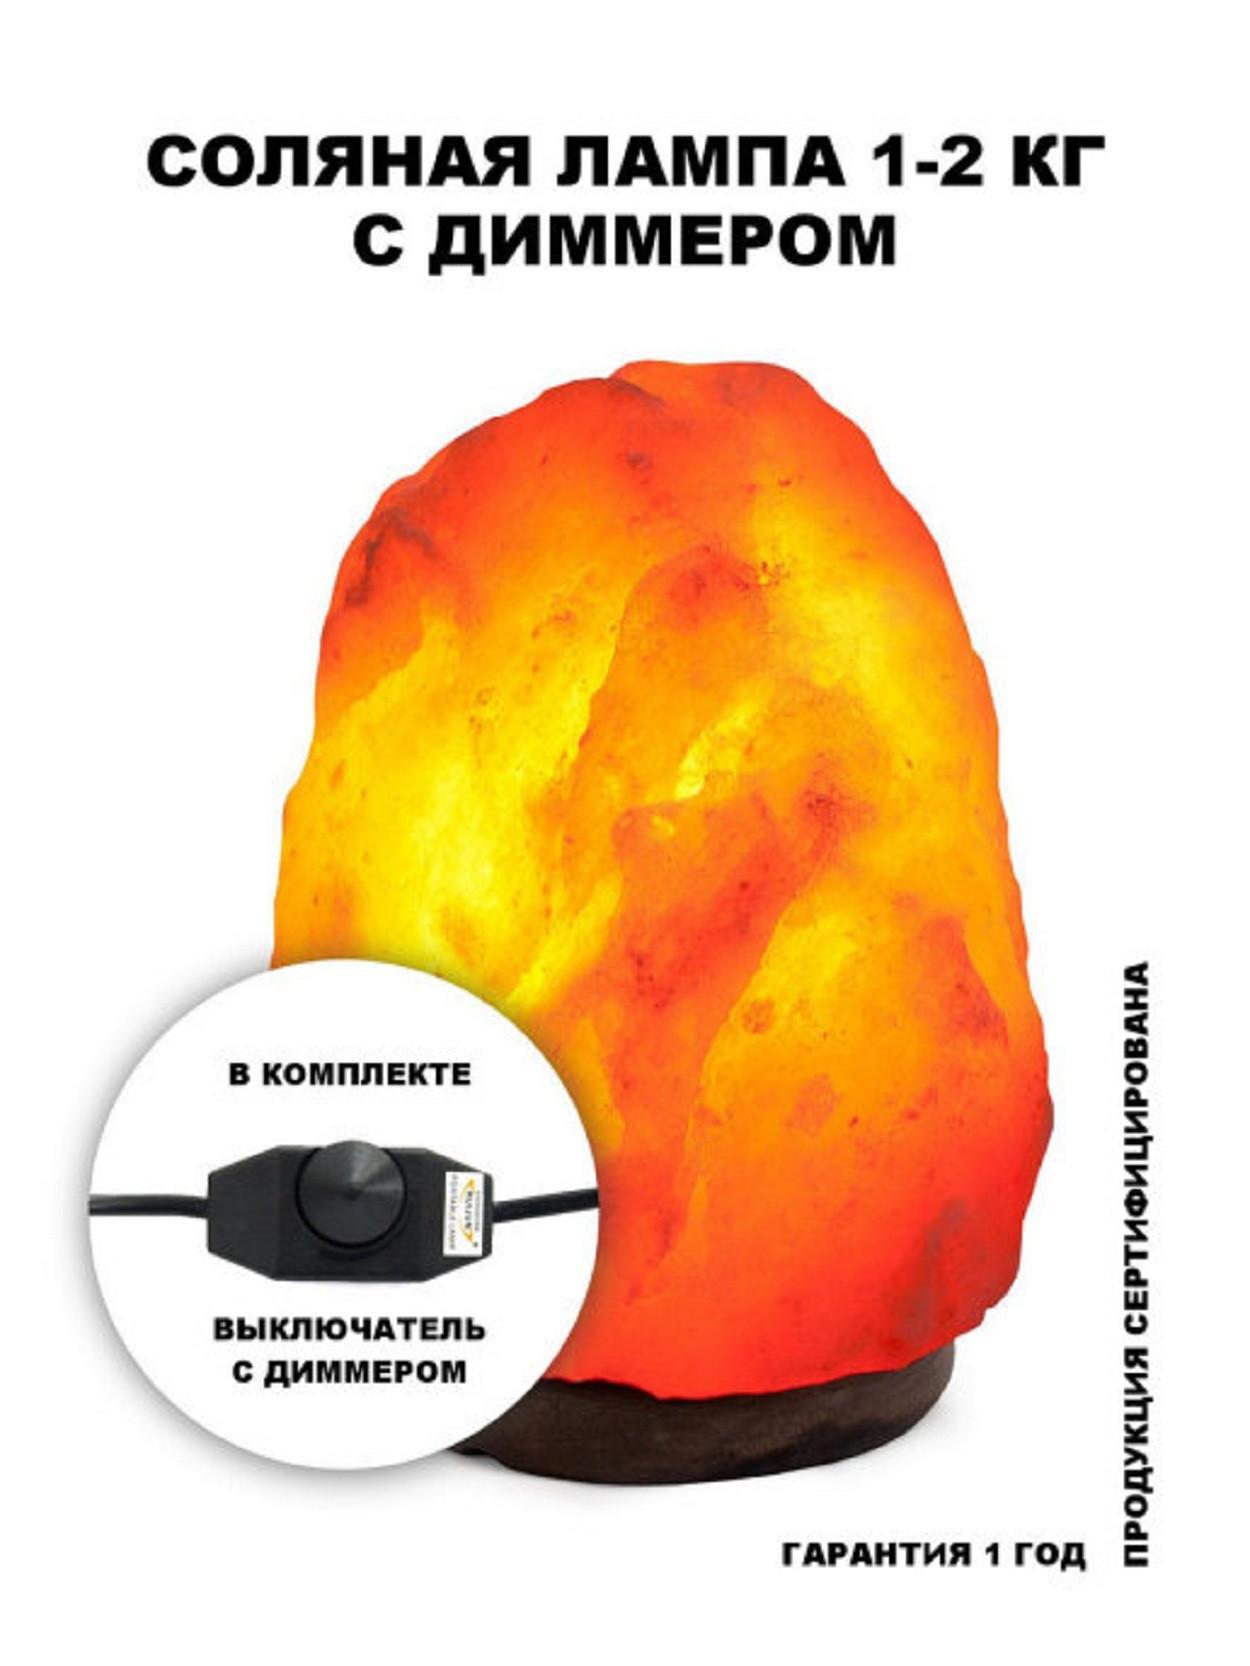 Неограненная соляная лампа в комплекте 1-2кг с диммером